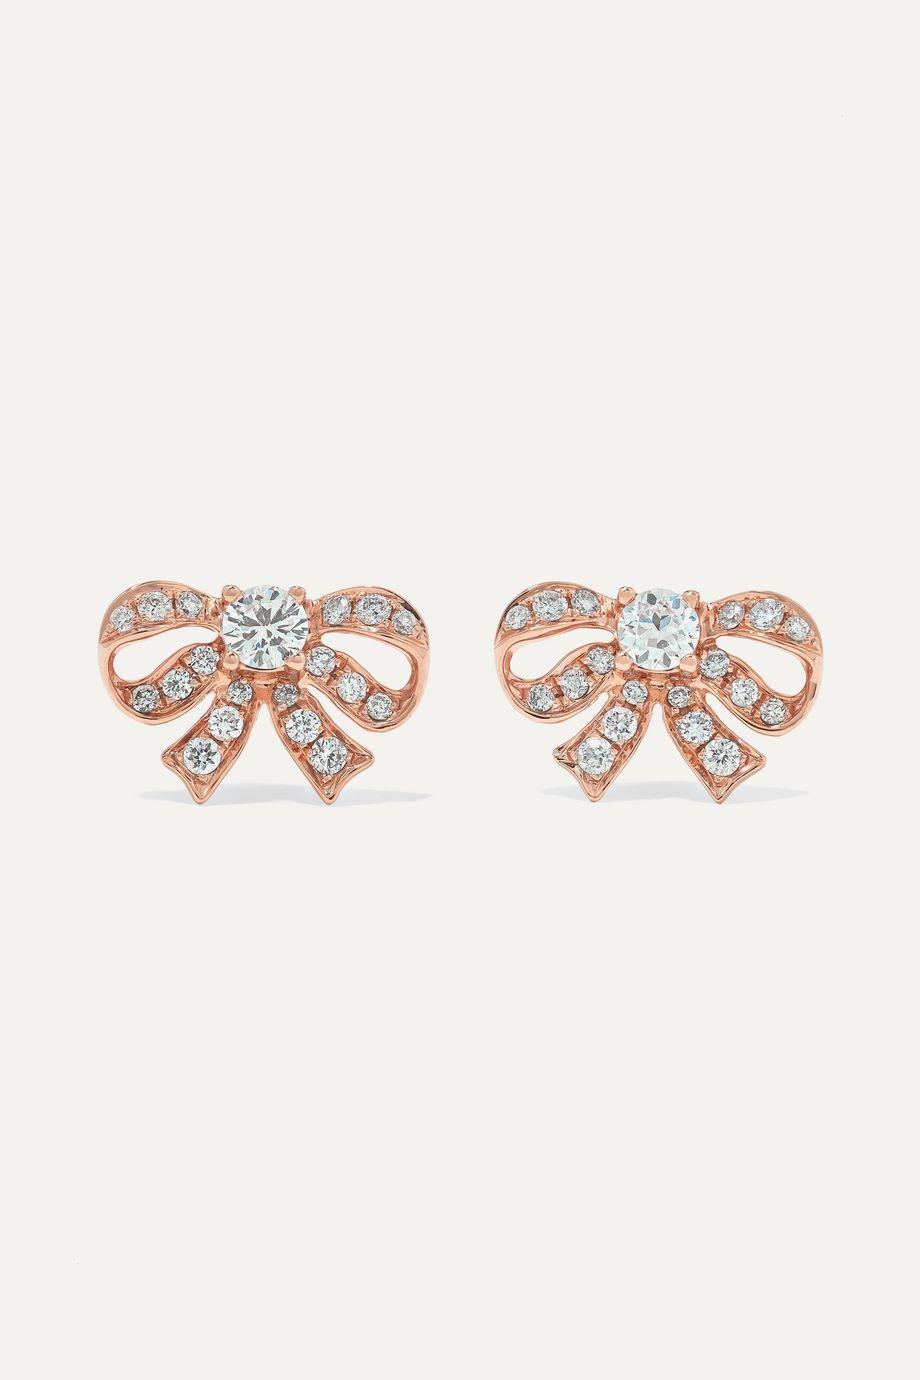 Anita Ko Boucles d'oreilles en or rose 18 carats et diamants Bow